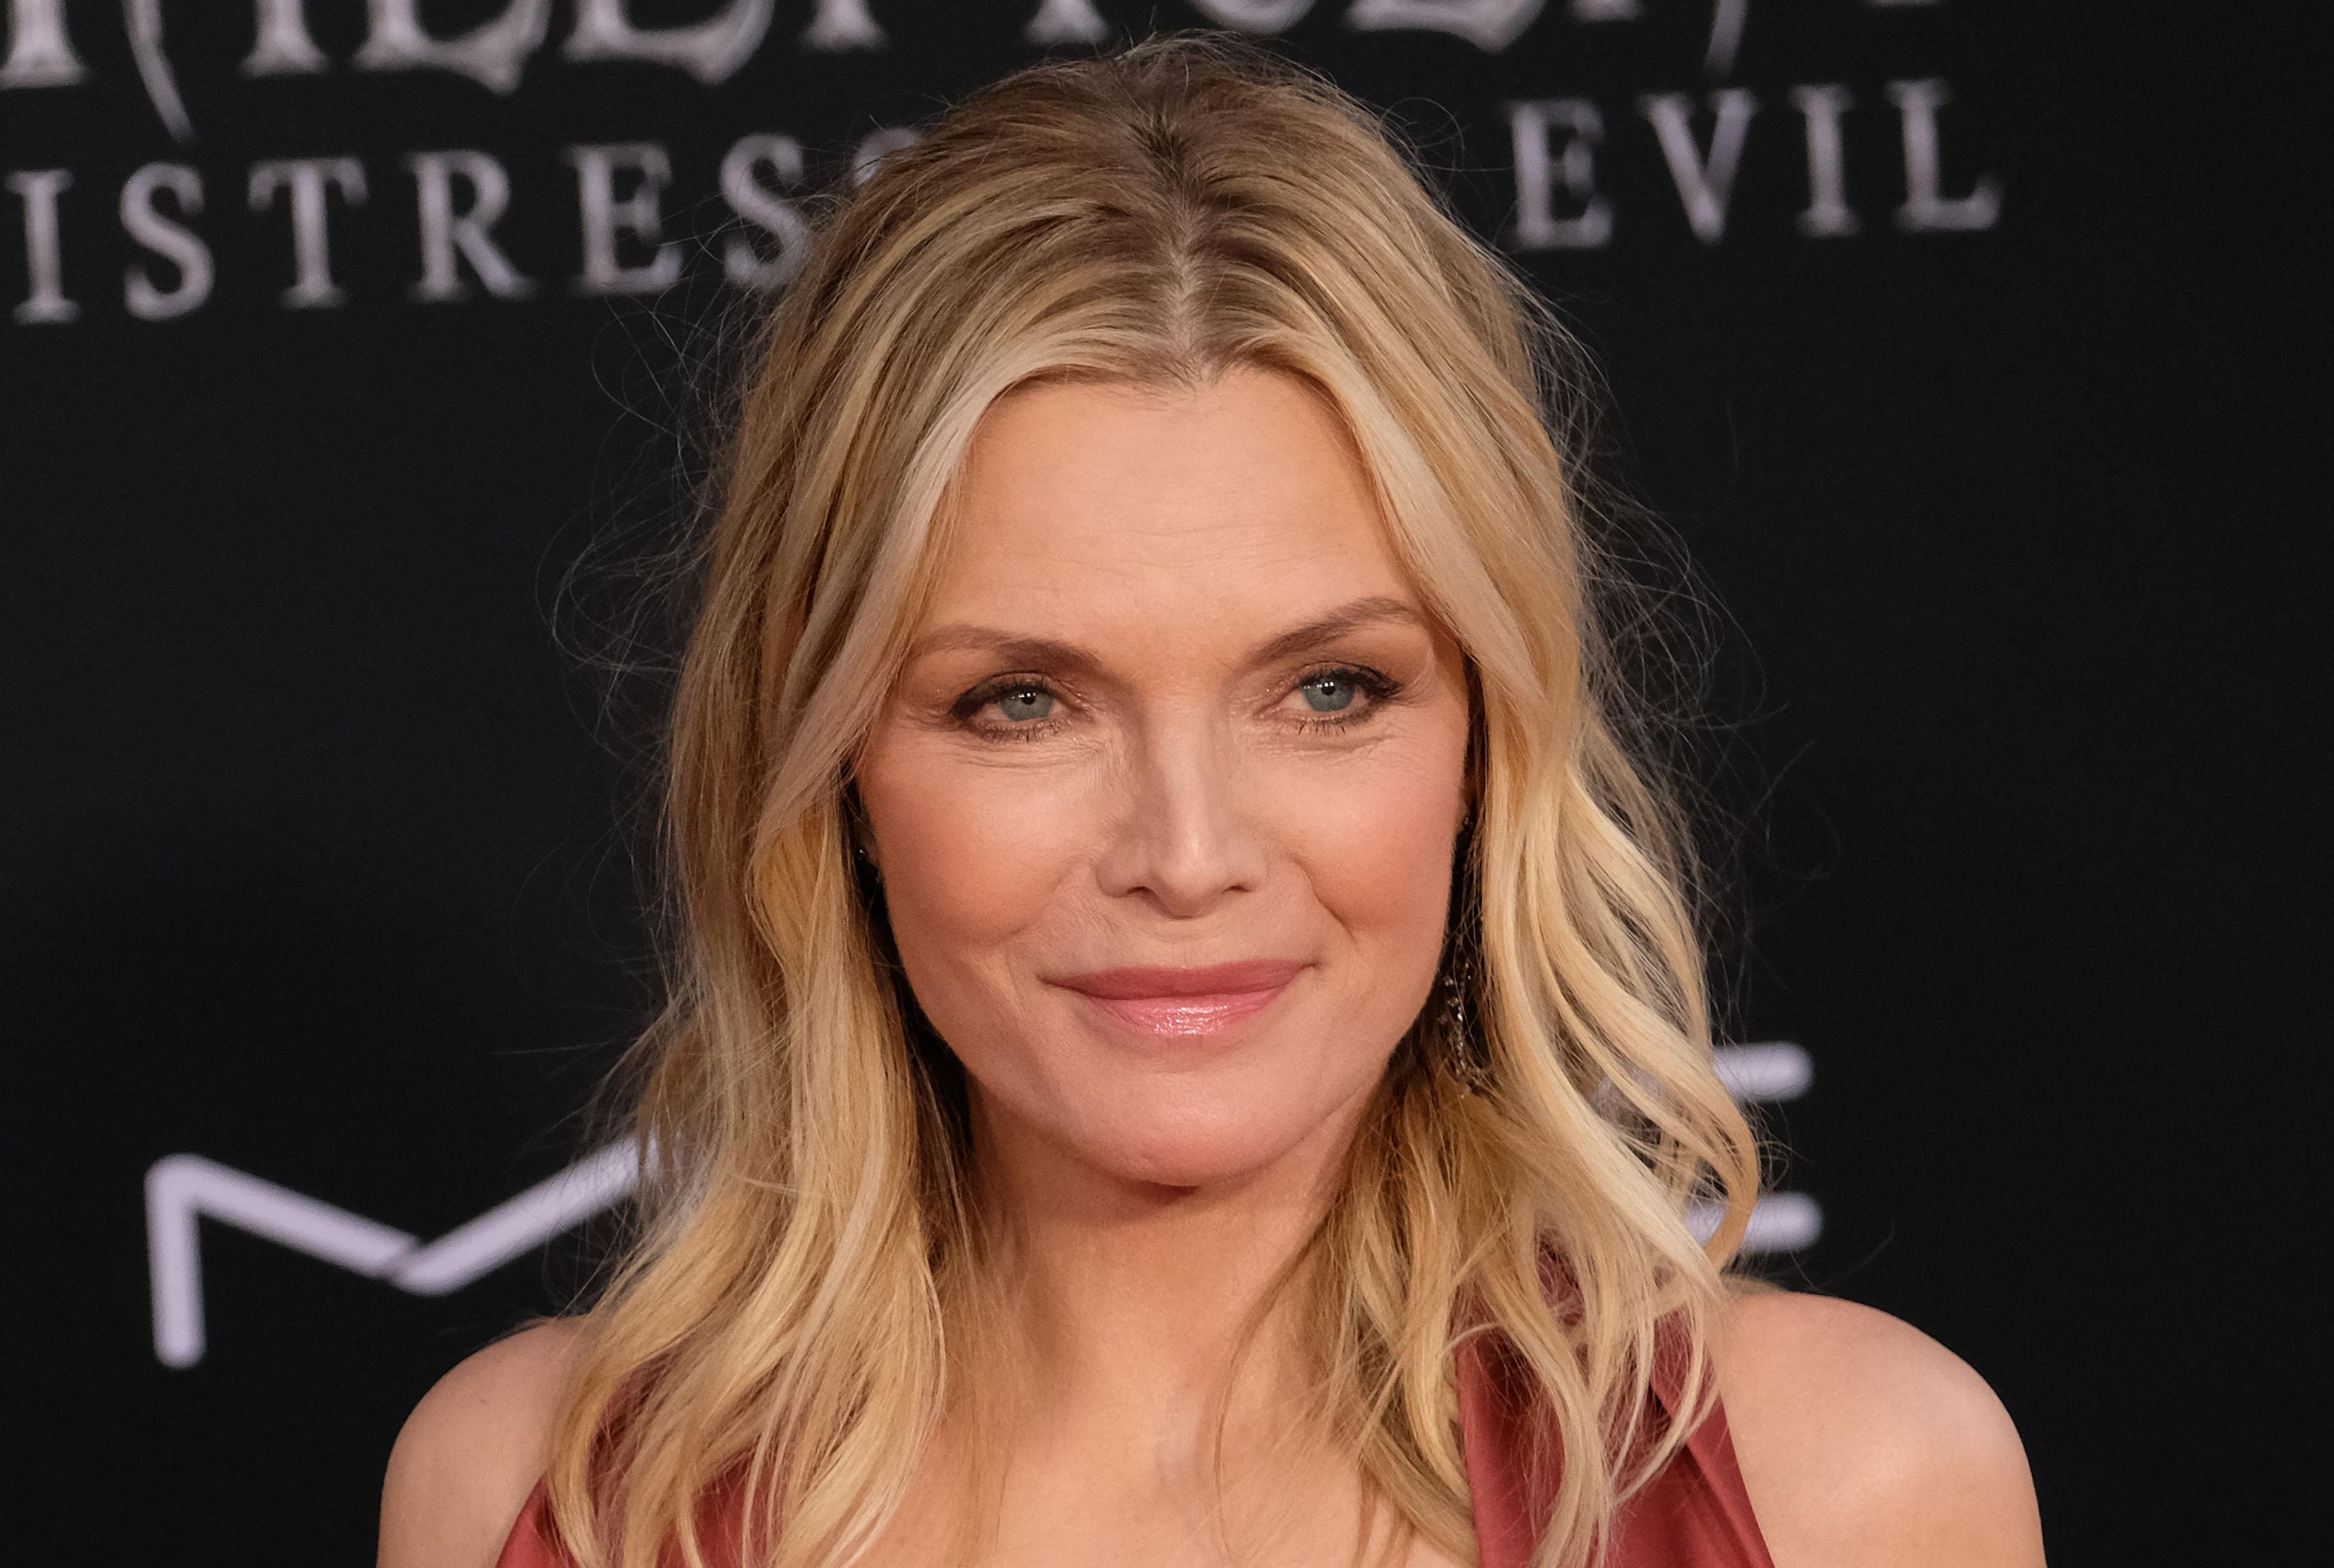 Αυτό που είναι μόδα στα αρώματα τώρα η Michelle Pfeiffer το έκανε χρόνια πριν!